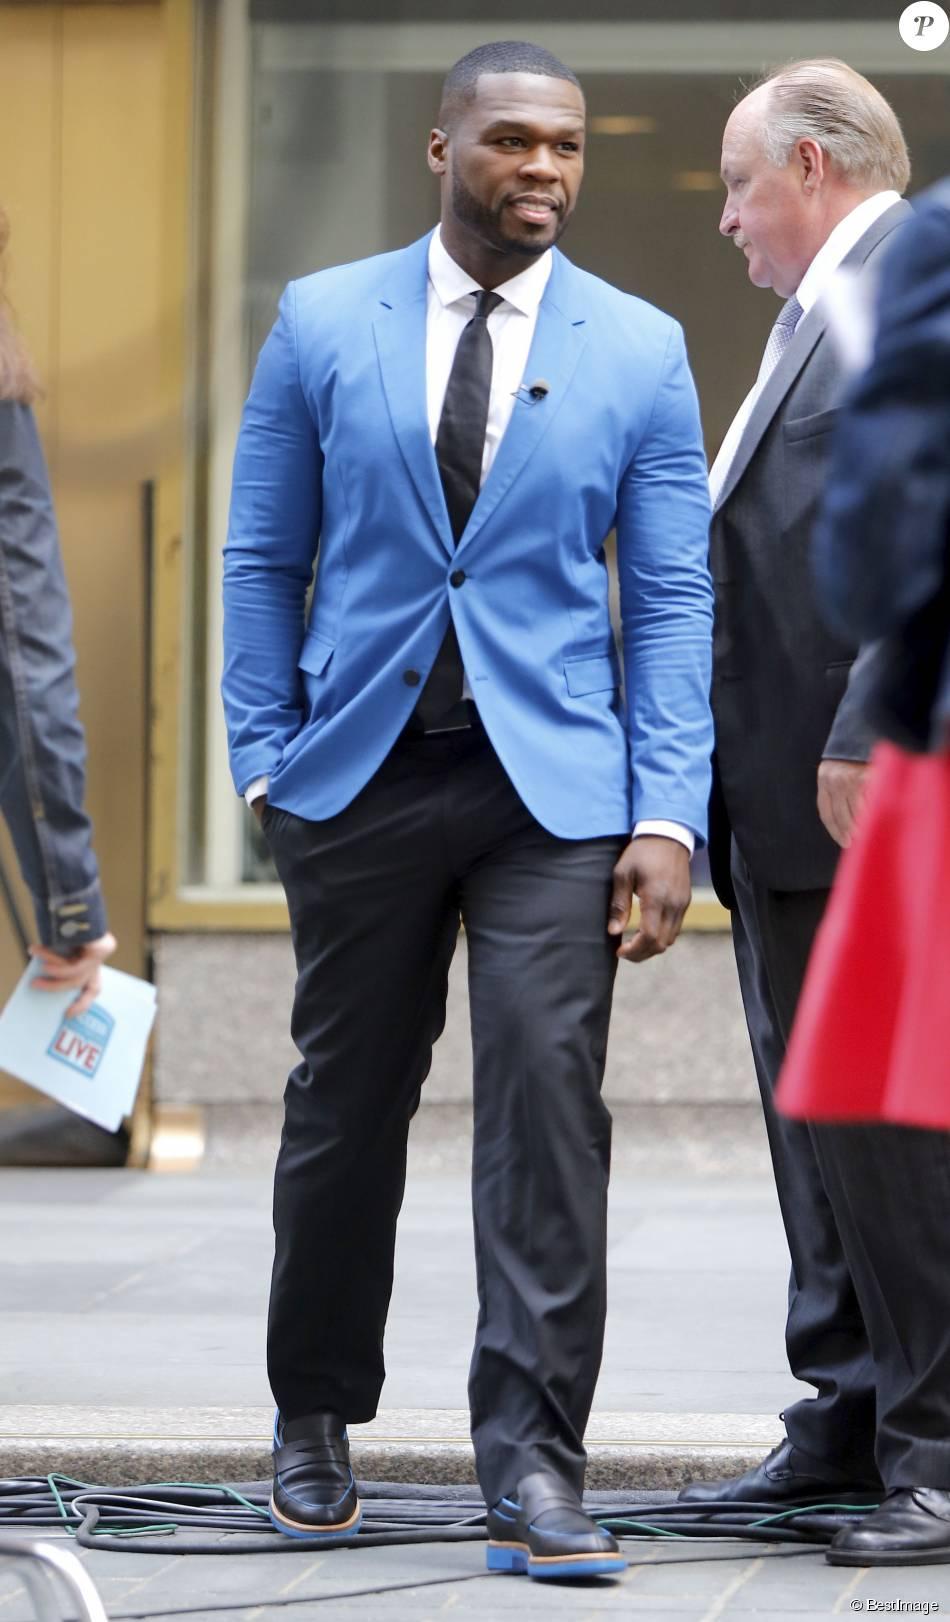 """Le rappeur 50 Cent - Les présentateurs Billy Bush et Bethenny Frankel lors de l'émission de télévision en direct """"Access Hollywood Live"""" reçoivent comme invités Mister T (Laurence Tureaud) et le rappeur 50 Cent (Curtis James Jackson III) au Rockefeller Center à New York le 10 juin 2015."""